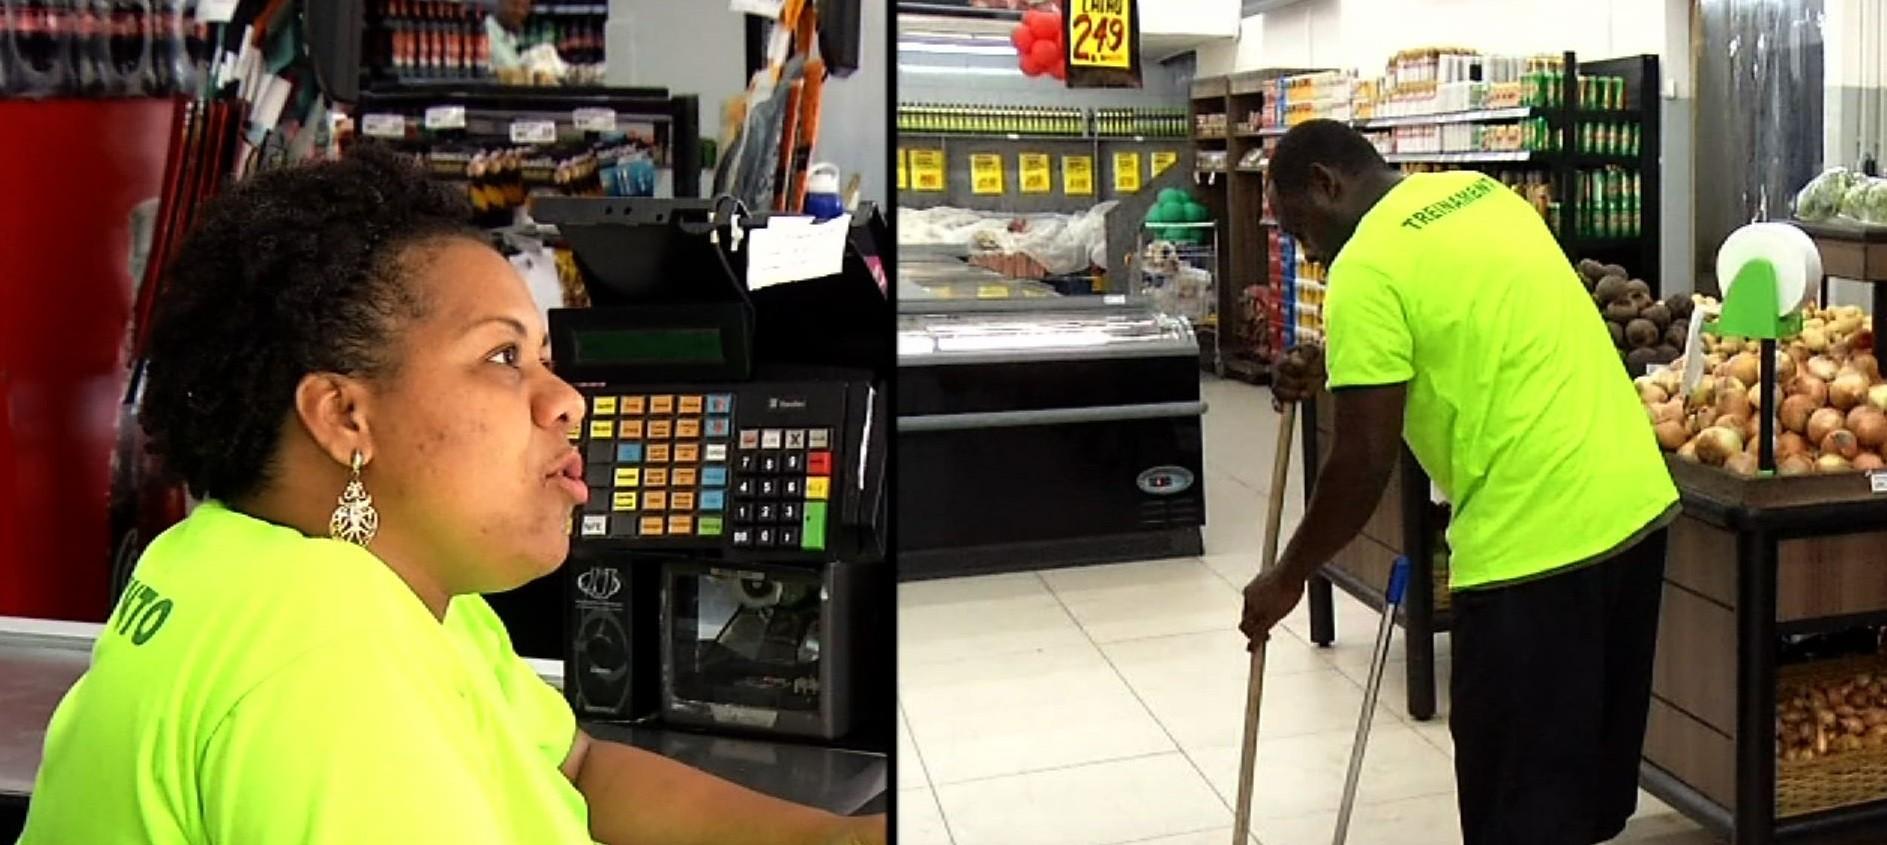 Moradores em situação de rua têm oportunidade de emprego em Resende - Notícias - Plantão Diário